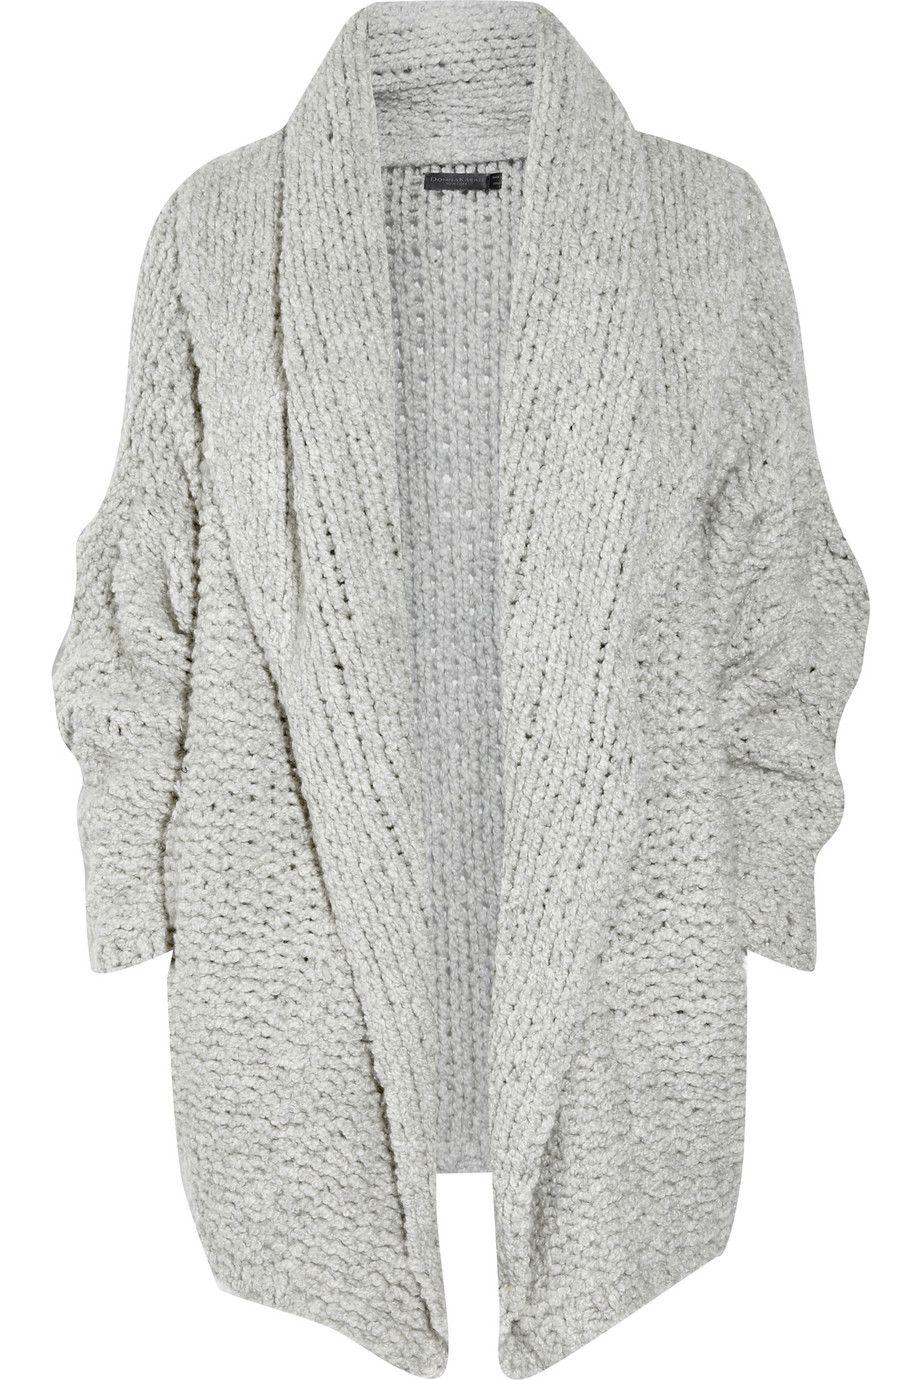 Donna Karan | Oversized cashmere cardigan | NET-A-PORTER.COM ...